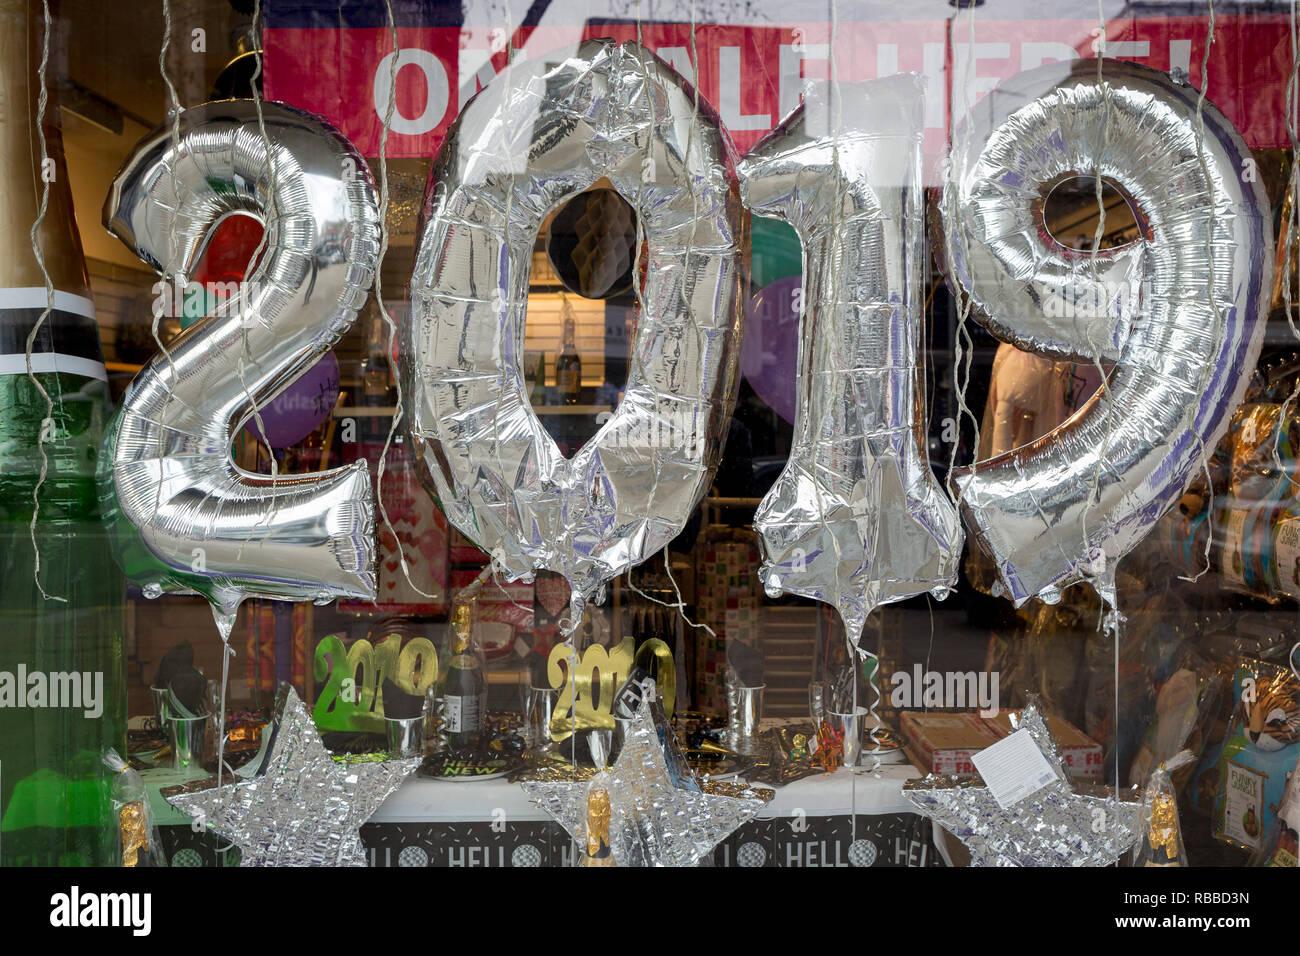 2019 Luftballons auf Anzeige in einer Partei Shop auf der Kensington High Street, am 6. Januar 2019 in London, Großbritannien Stockbild